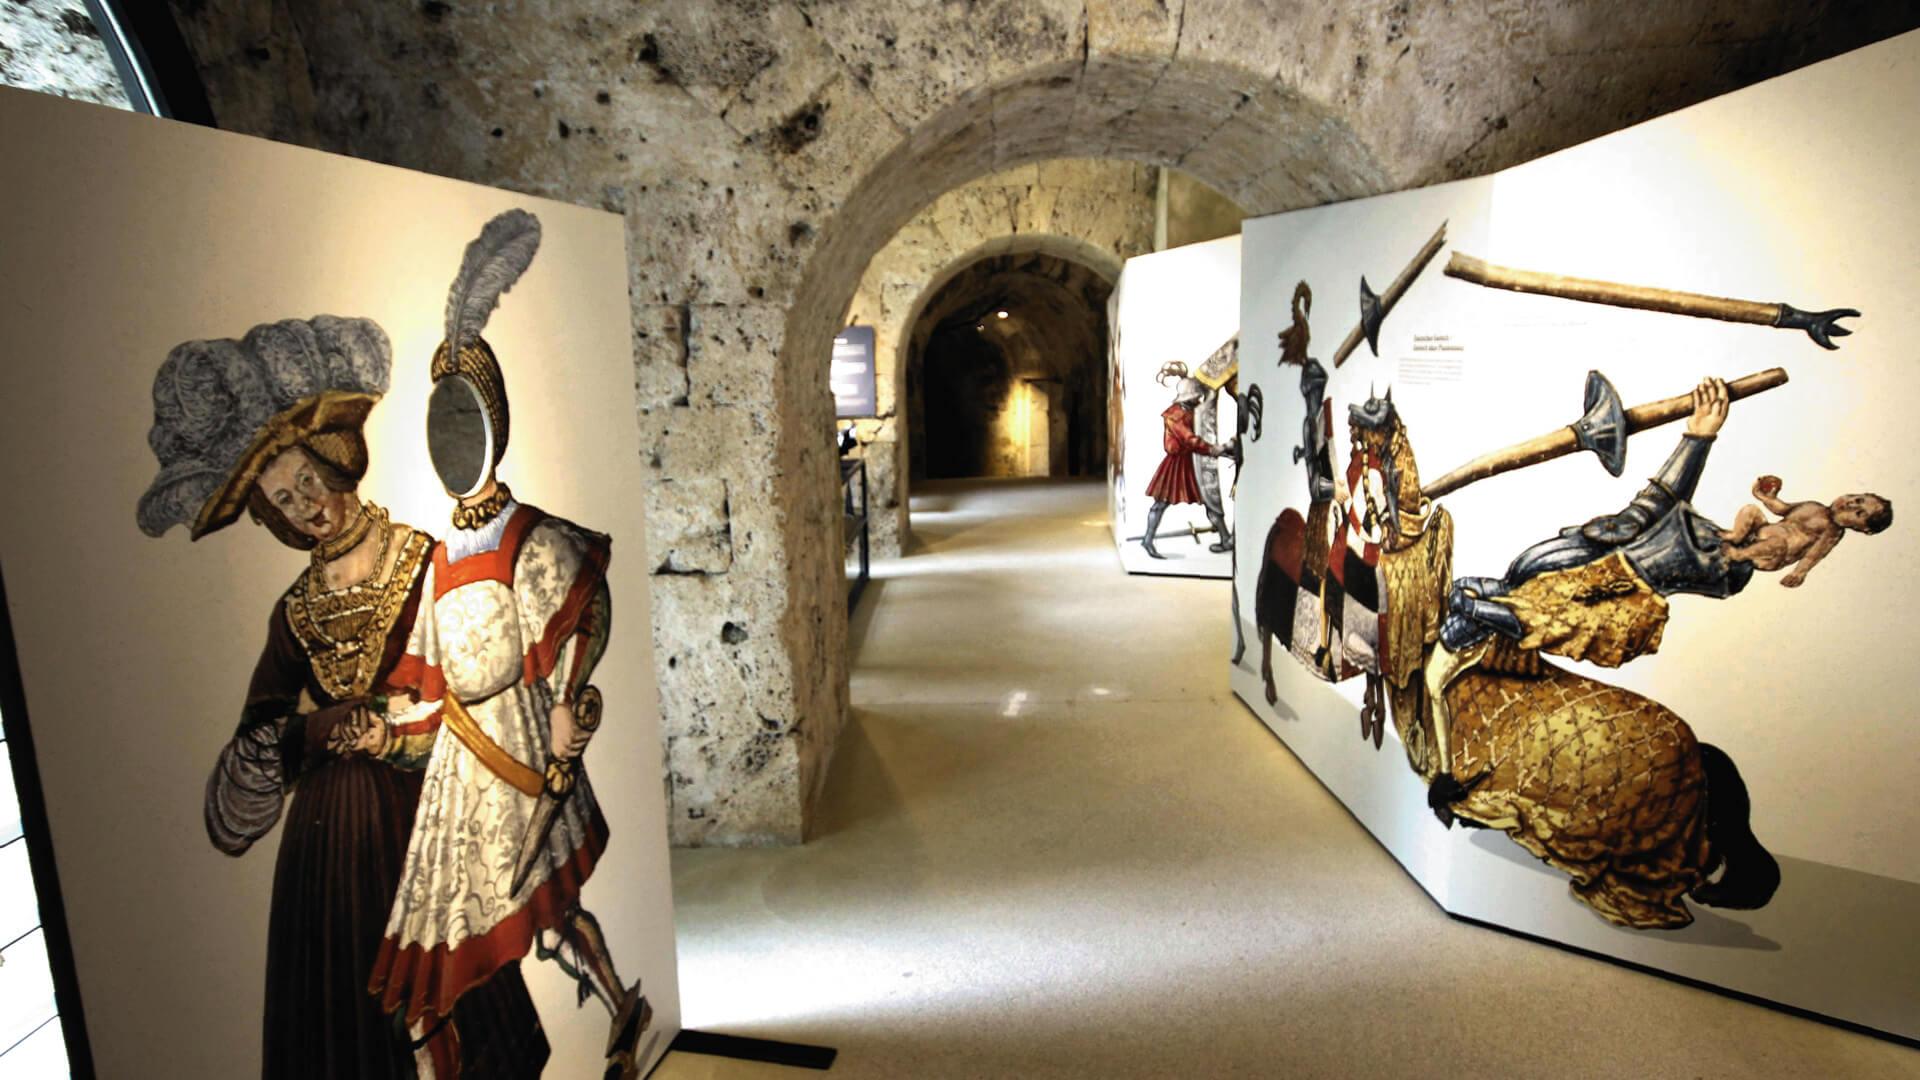 Ausstellung_Festung-Kufstein_-Artillerielaboratorium_02